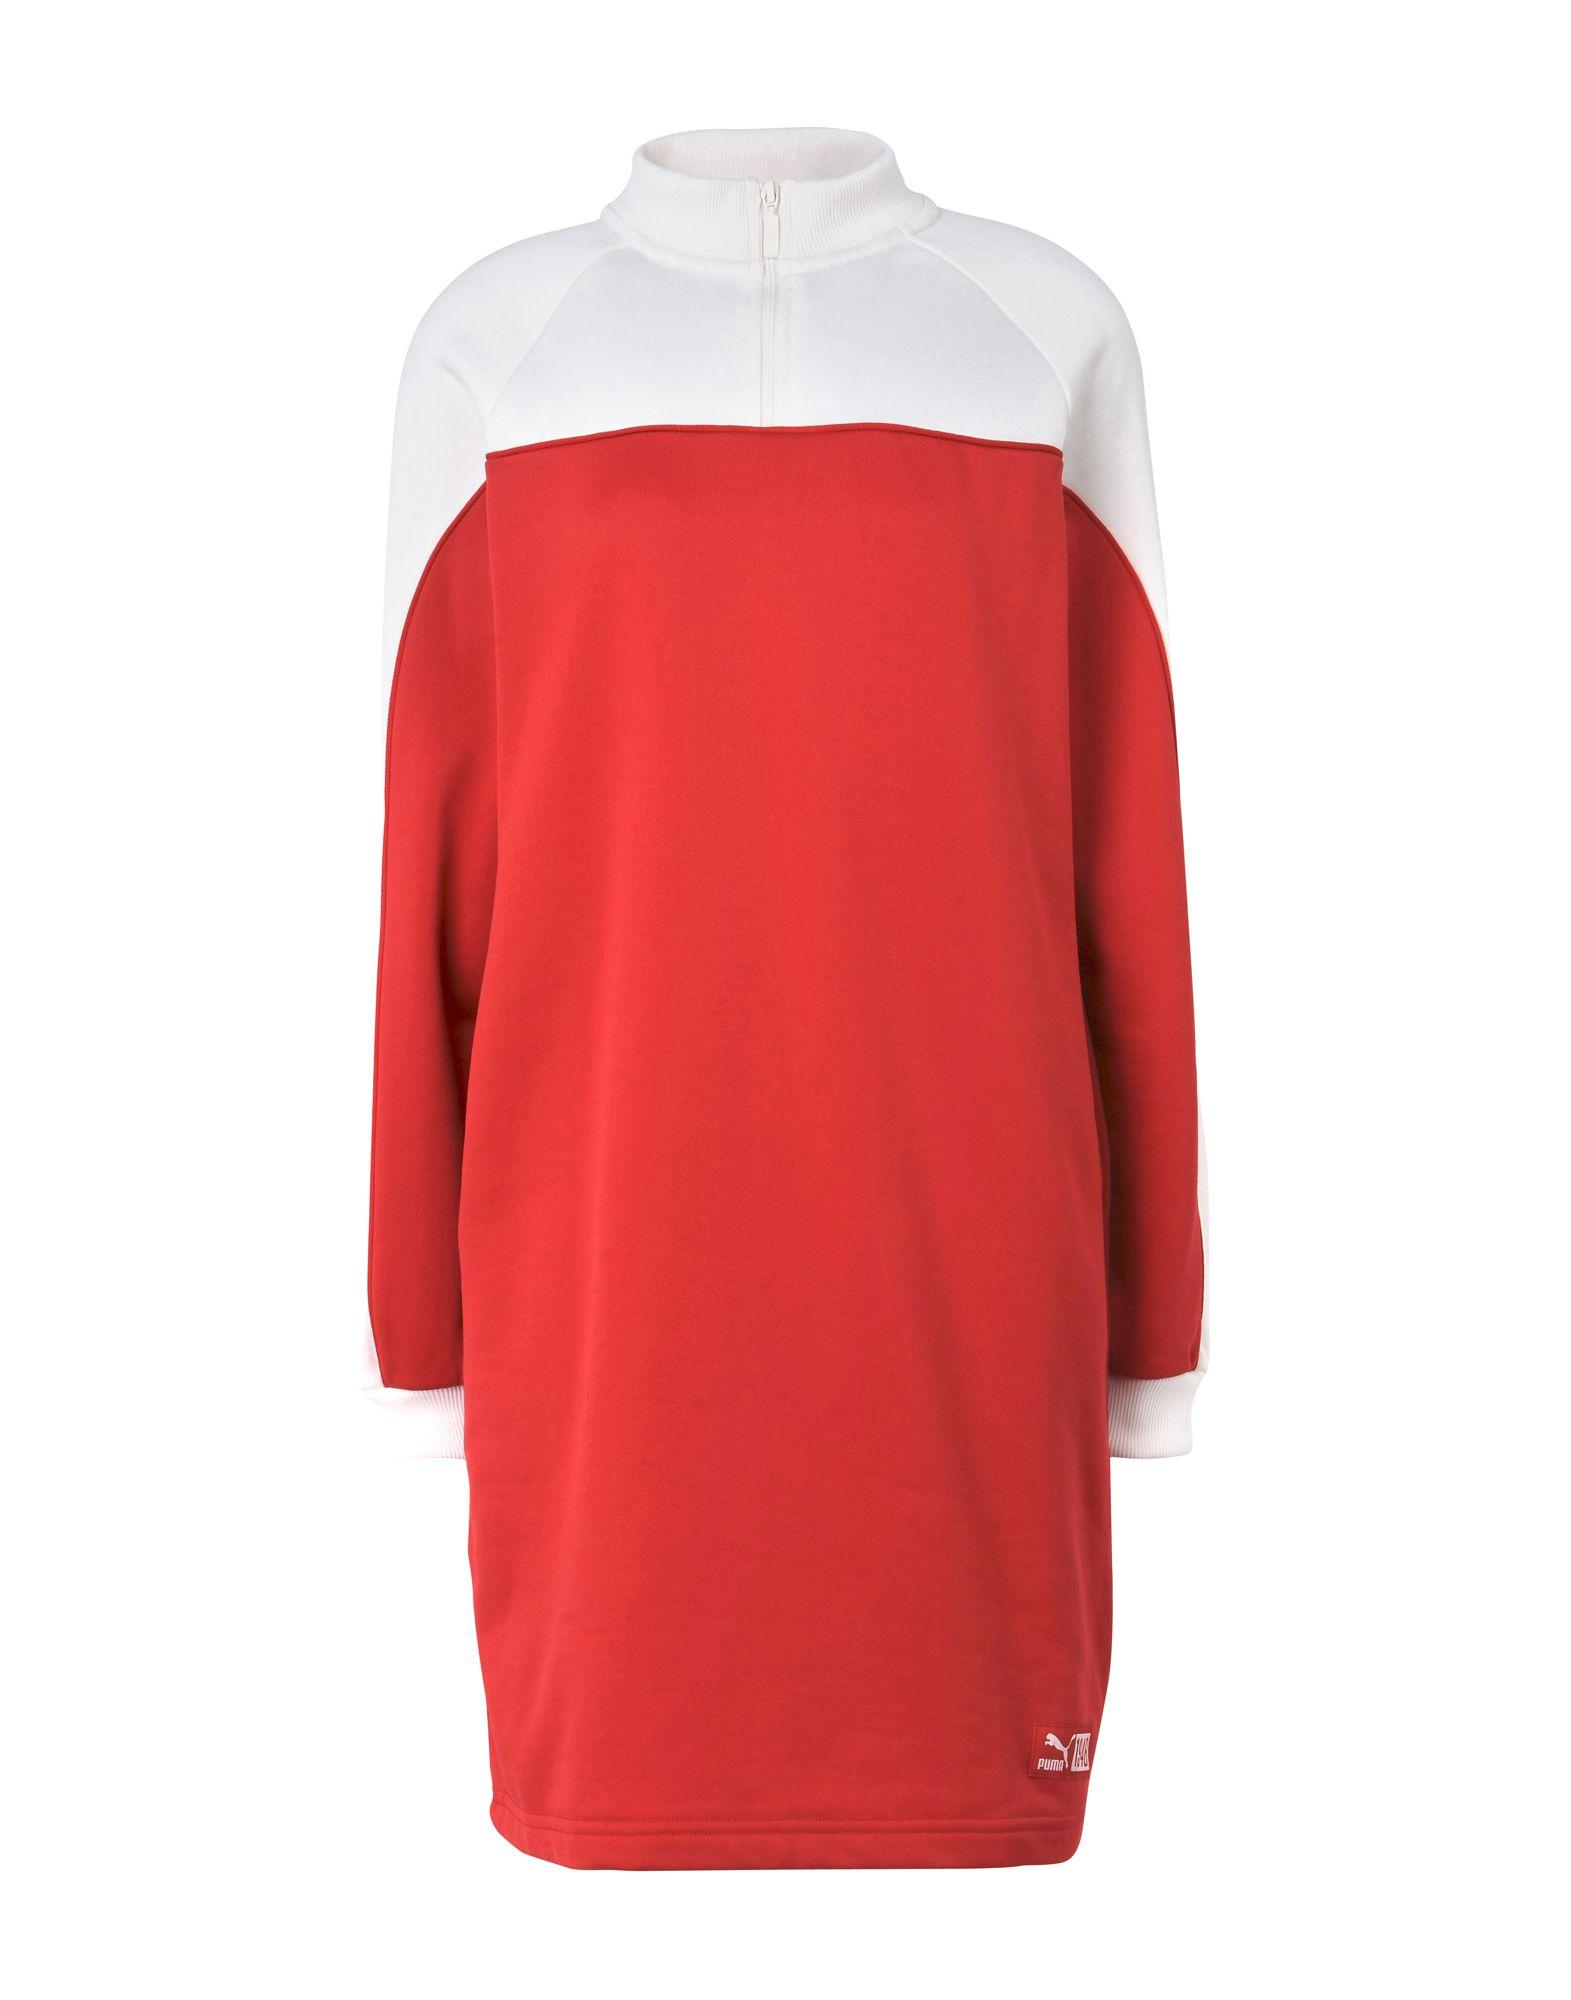 《2万円以上オーダーで送料無料》PUMA レディース ミニワンピース&ドレス レッド M ポリエステル 95% / ポリウレタン 5% TURTLENECK CREW DRESS